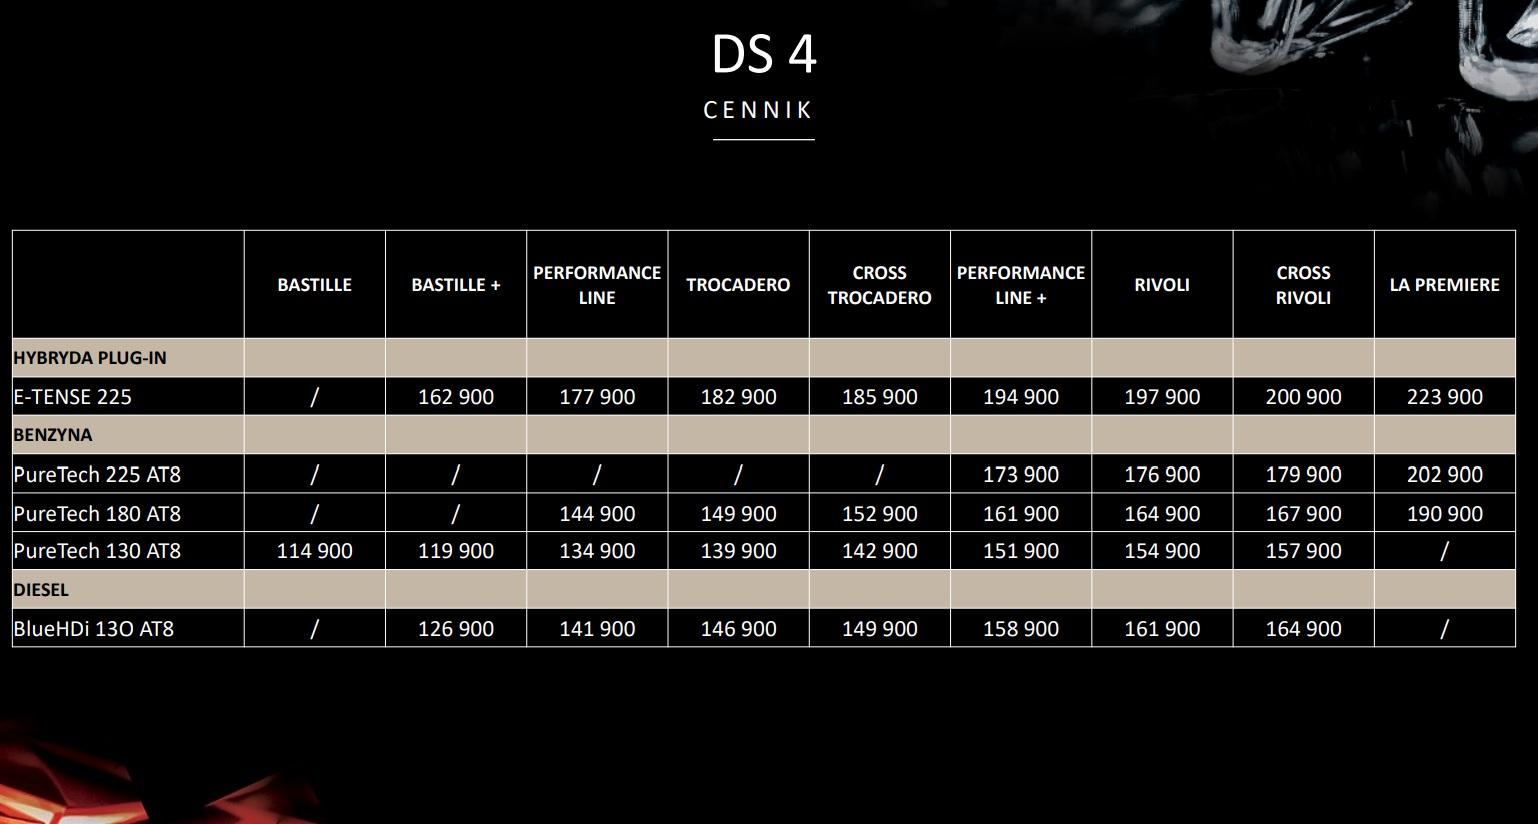 Ile kosztuje DS 4 2021?